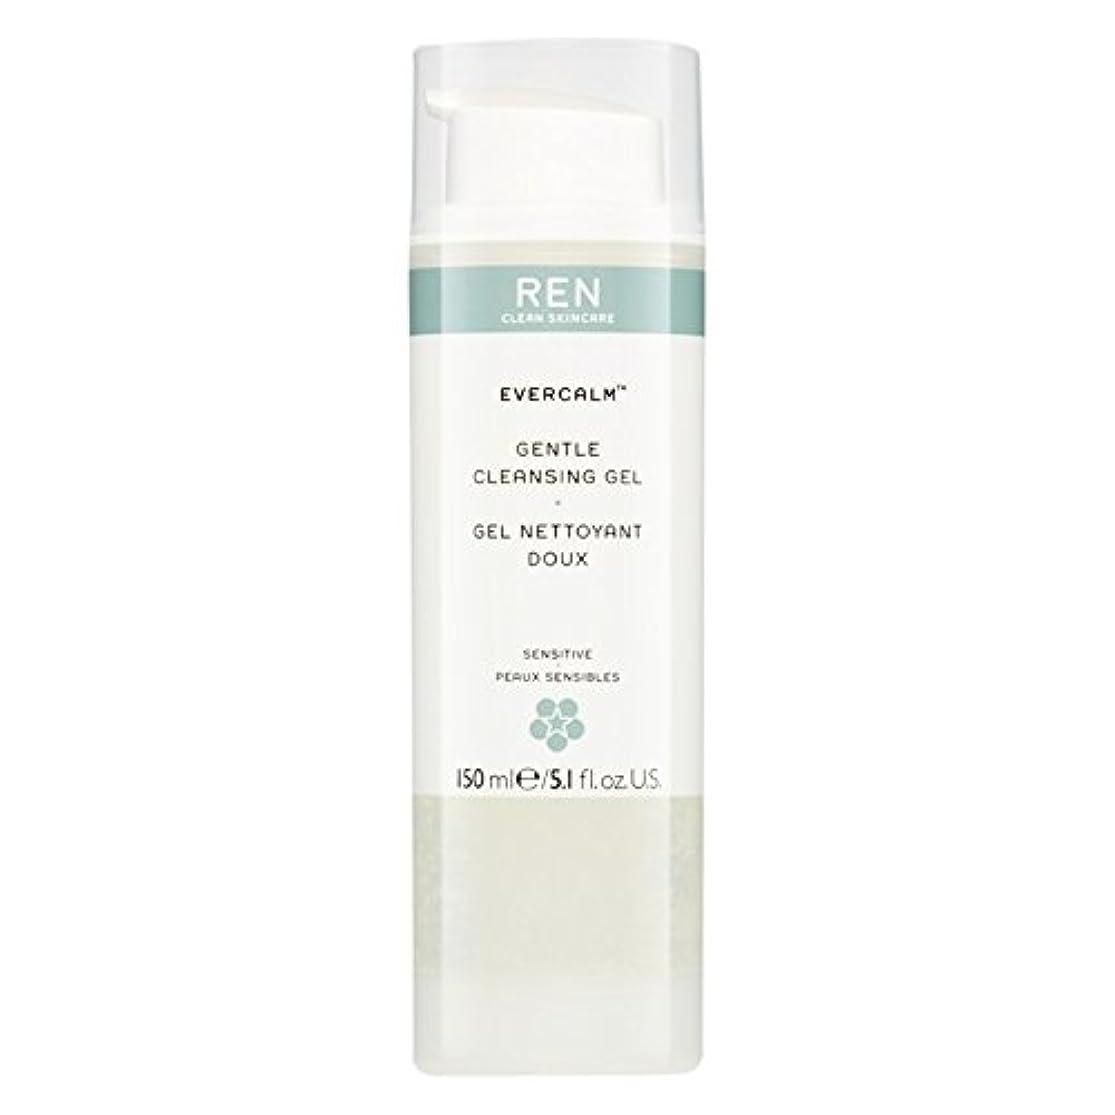 求める熱望する民族主義Ren Evercalm優しいクレンジングジェル、150ミリリットル (REN) (x2) - REN Evercalm Gentle Cleansing Gel, 150ml (Pack of 2) [並行輸入品]